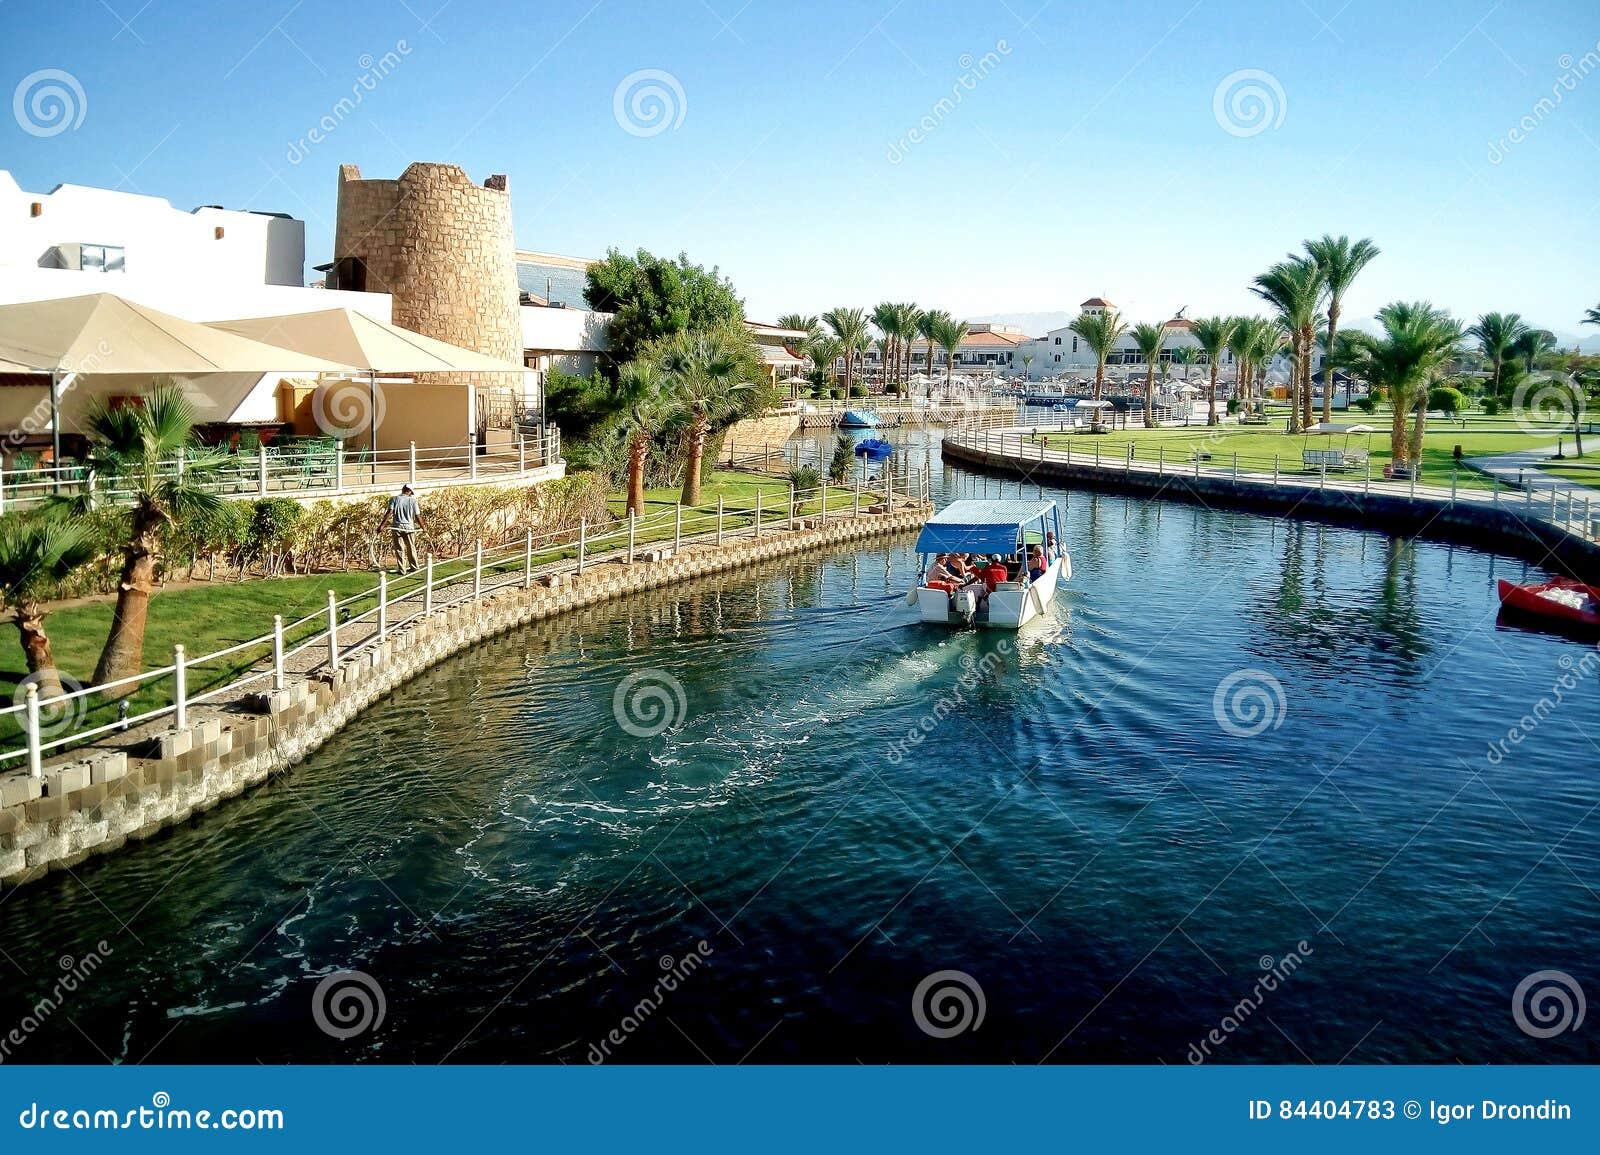 Hurghada, Egypte - Augustus 15, 2015: Het luxueuze vijfsterrenhotel Dana Beach Resort in Hurghada is één van Pickalbatros Is popu